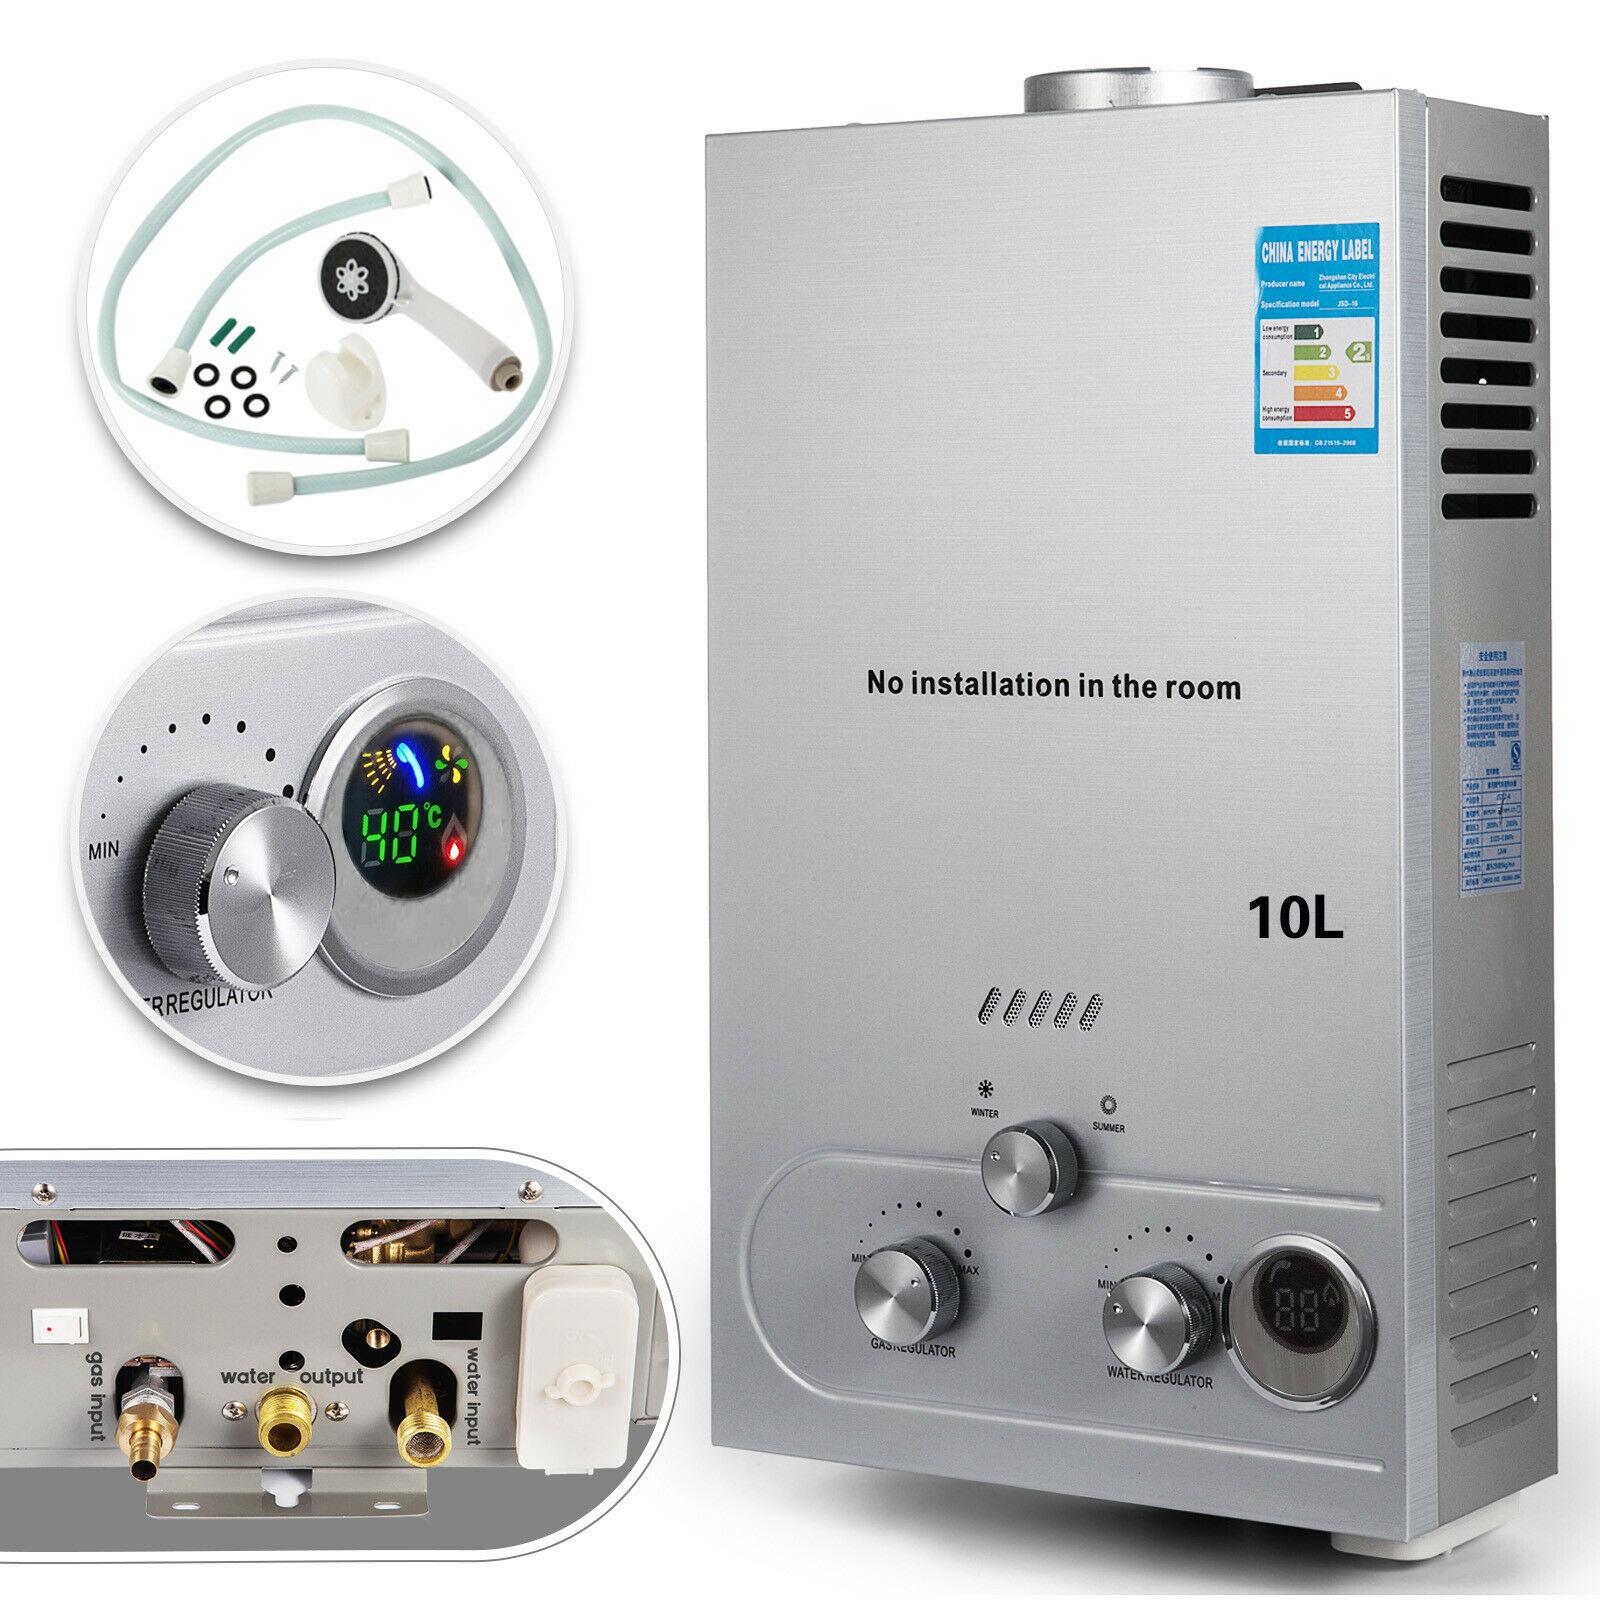 10L LPG Gas Water Heater Water Heater Gas Instant Gas Water Heater Tankless Gas Water Heater Gas Geyser Water Heater